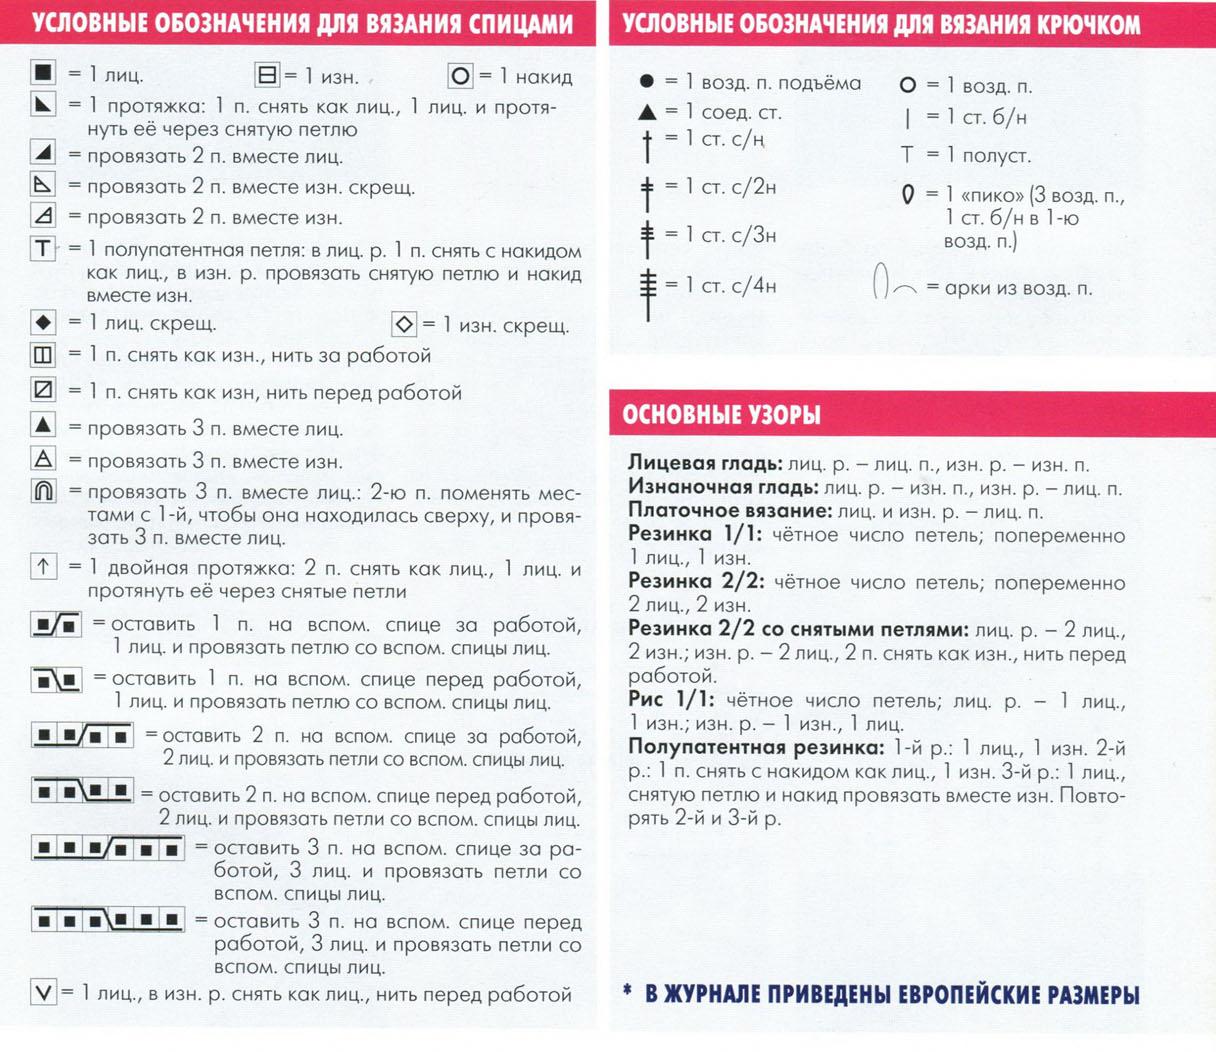 Условные обозначения к схеме вышивки